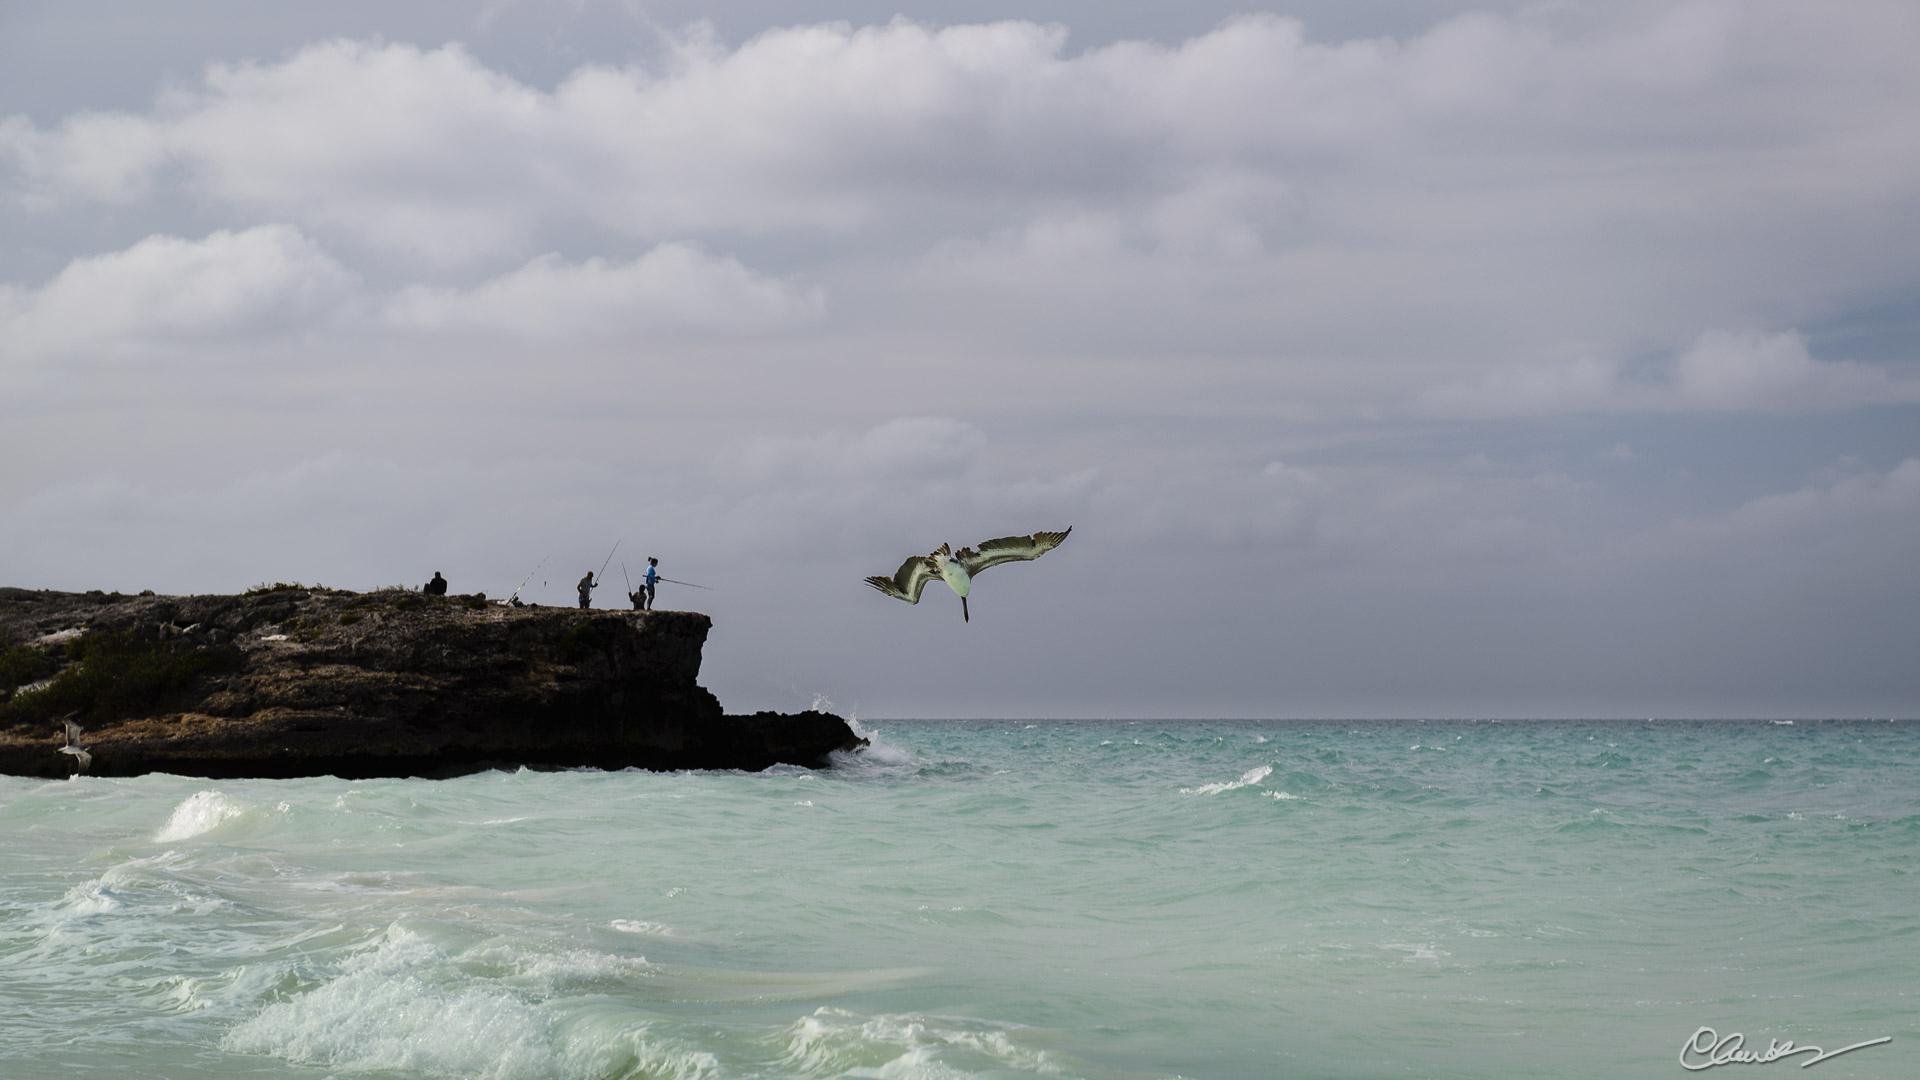 Pêche / Fishing